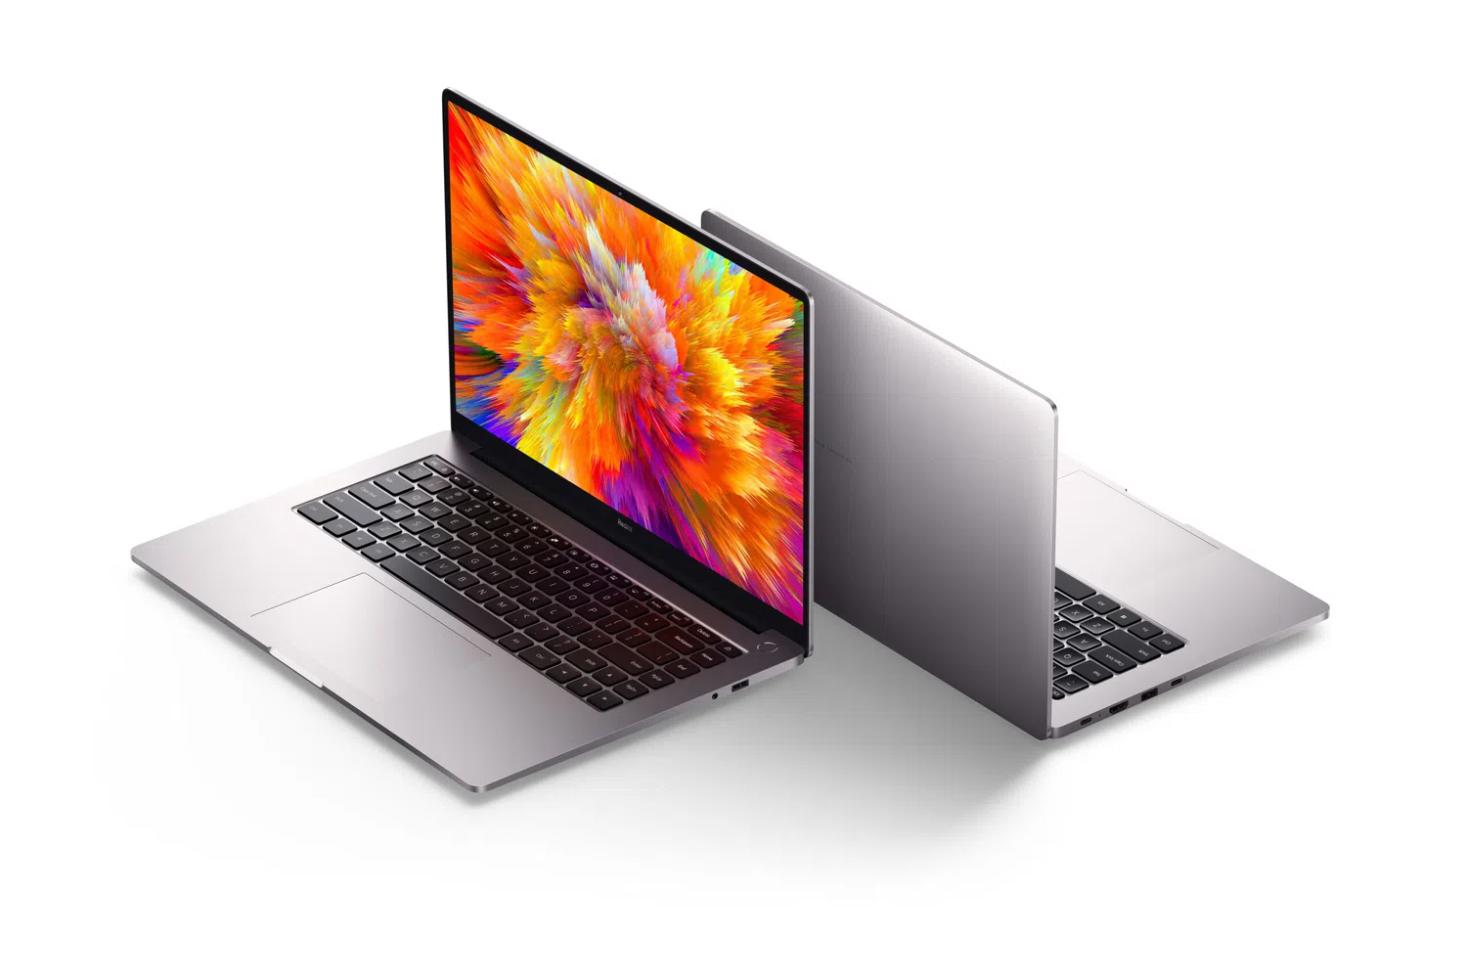 Xiaomi'nin standartları belirleyecek bilgisayarı RedmiBook Pro 15!